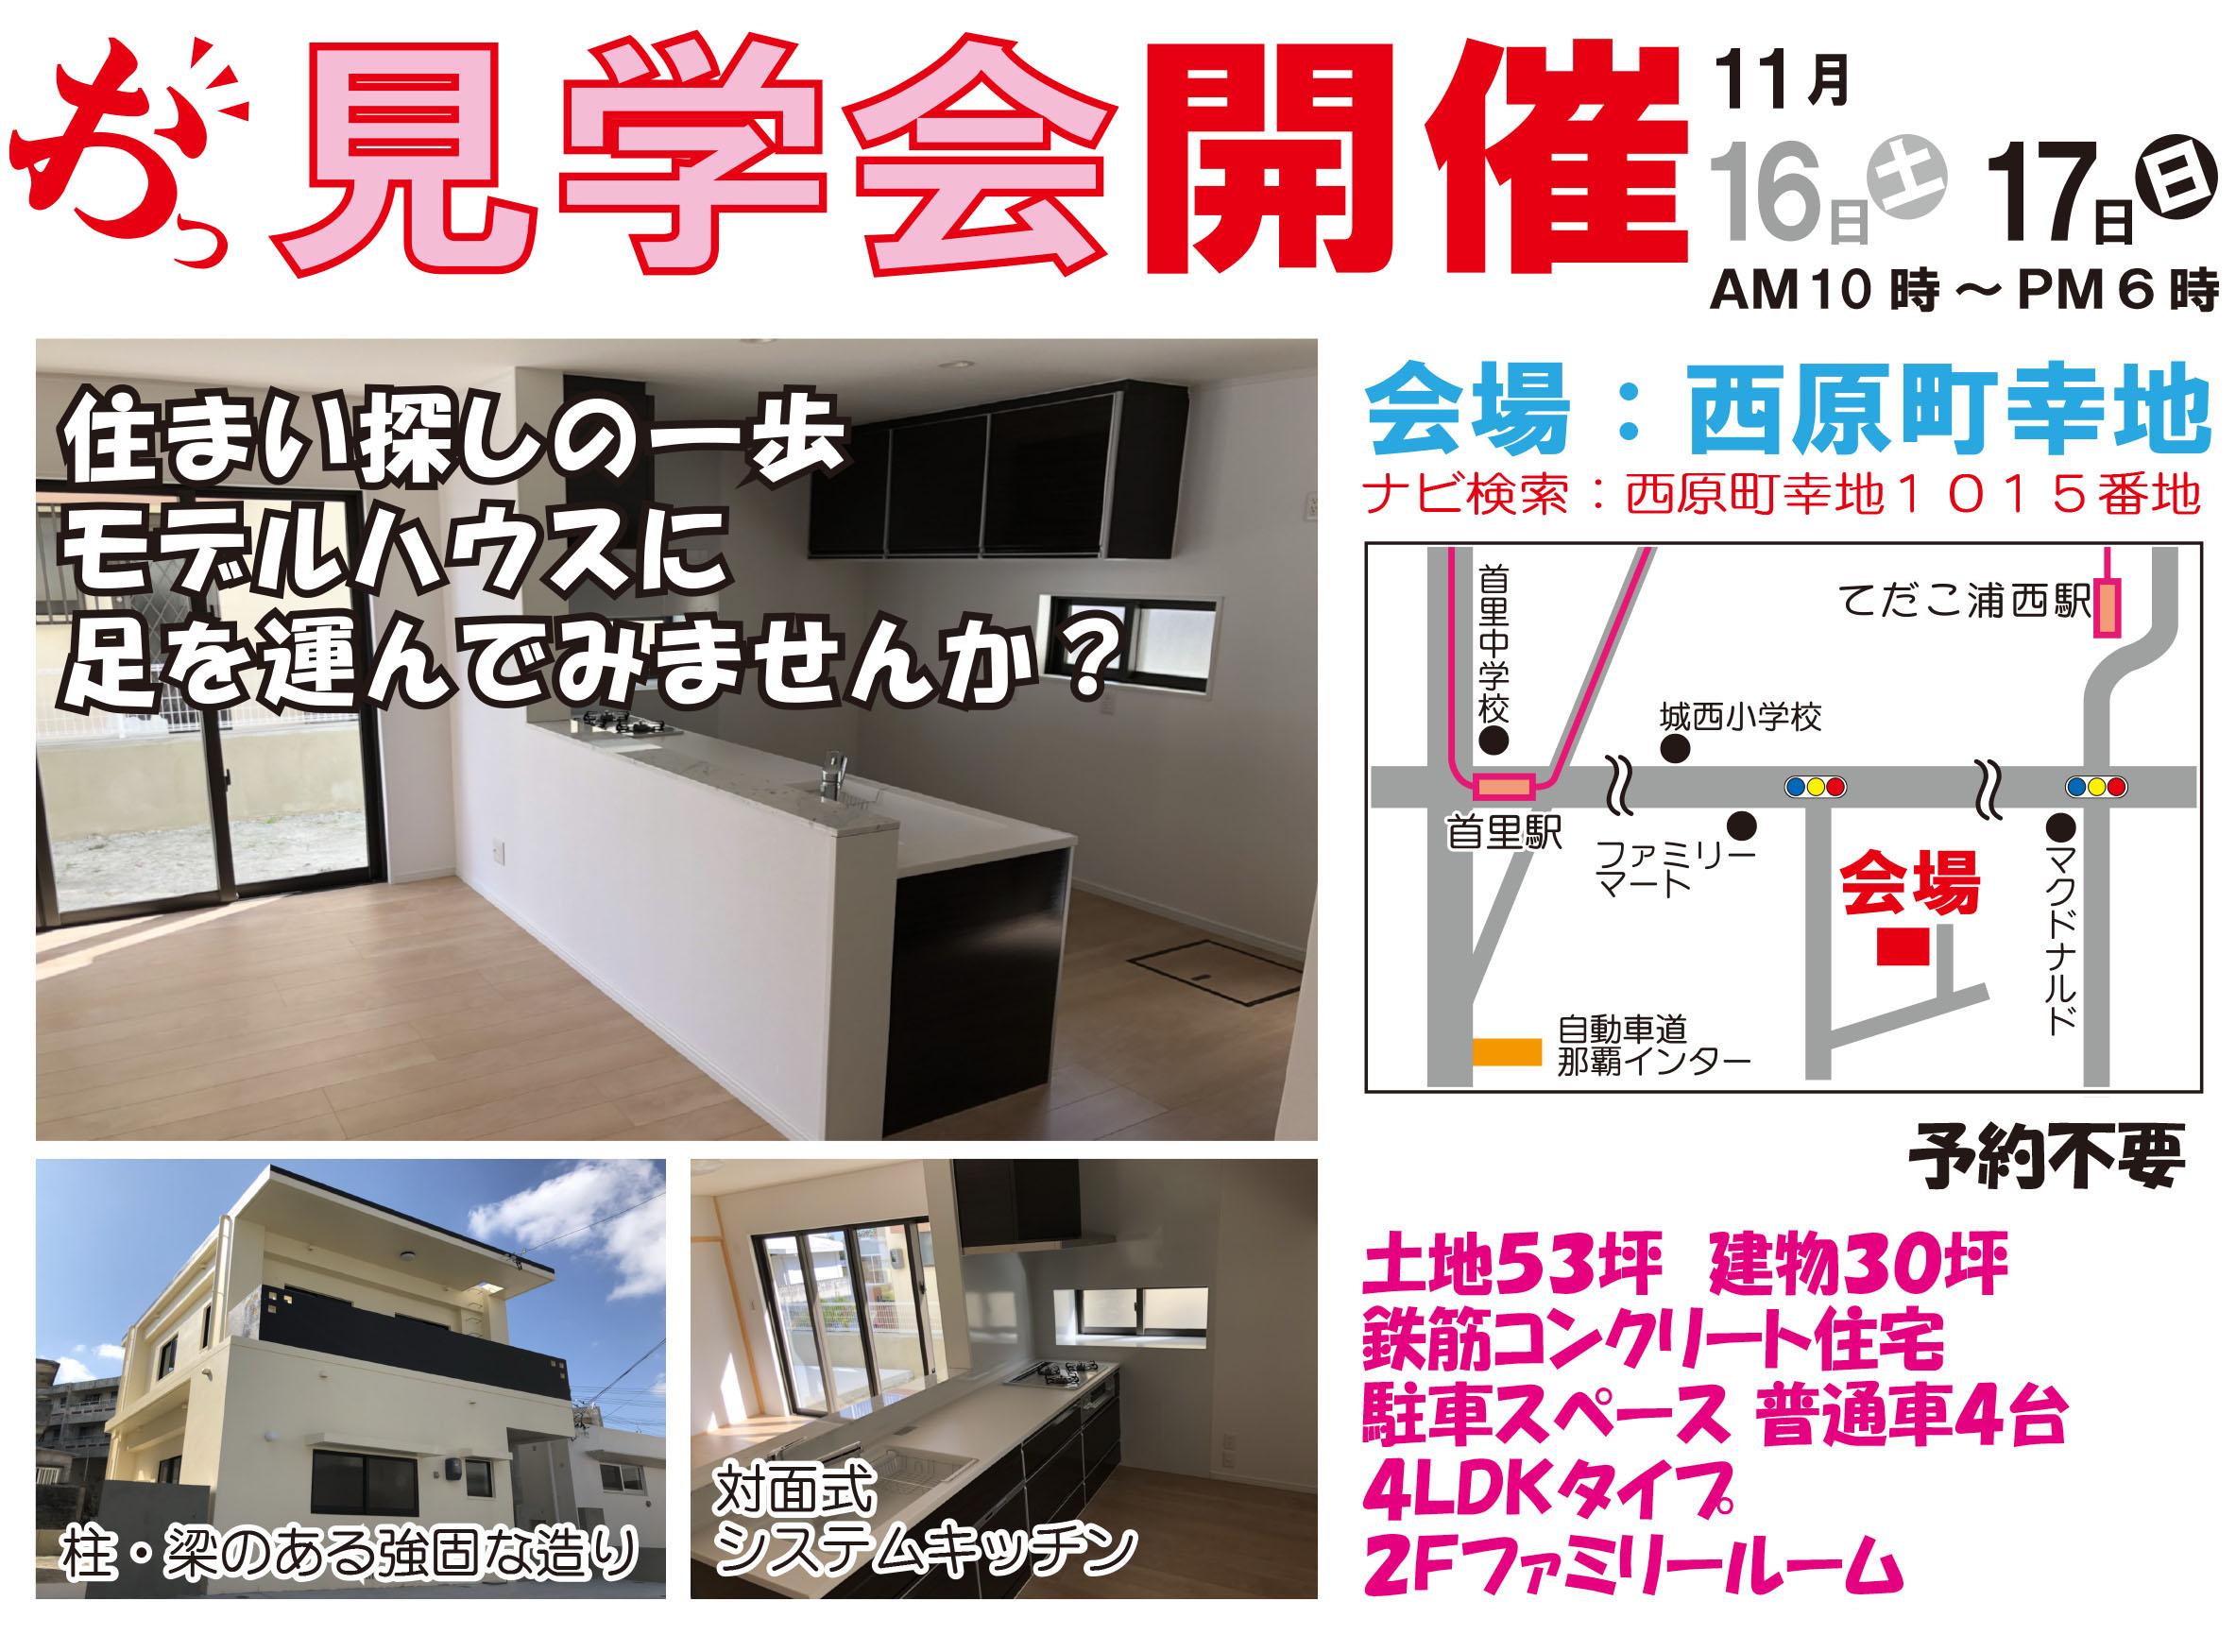 西原町幸地にて【フレキシブルな間取りの家】が完成しました☆ オープンハウス&無料住宅相談会を開催!